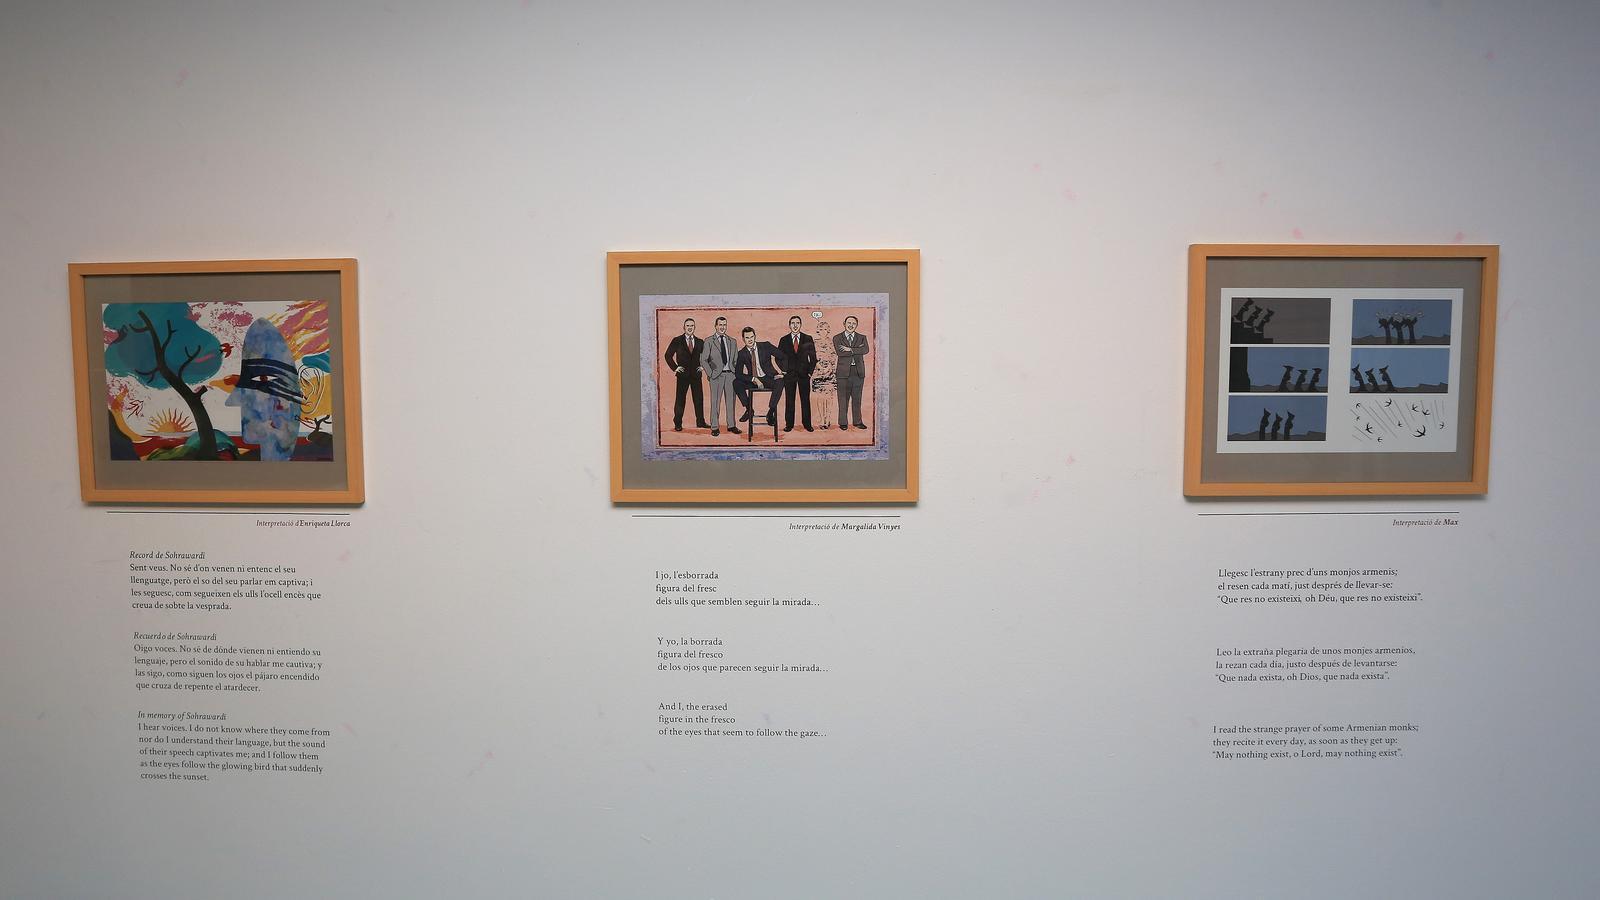 Els versos d'Andreu Vidal, il·lustrats per Max, Margalida Vinyes, Enriqueta Llorca, Pere Joan i Linhart